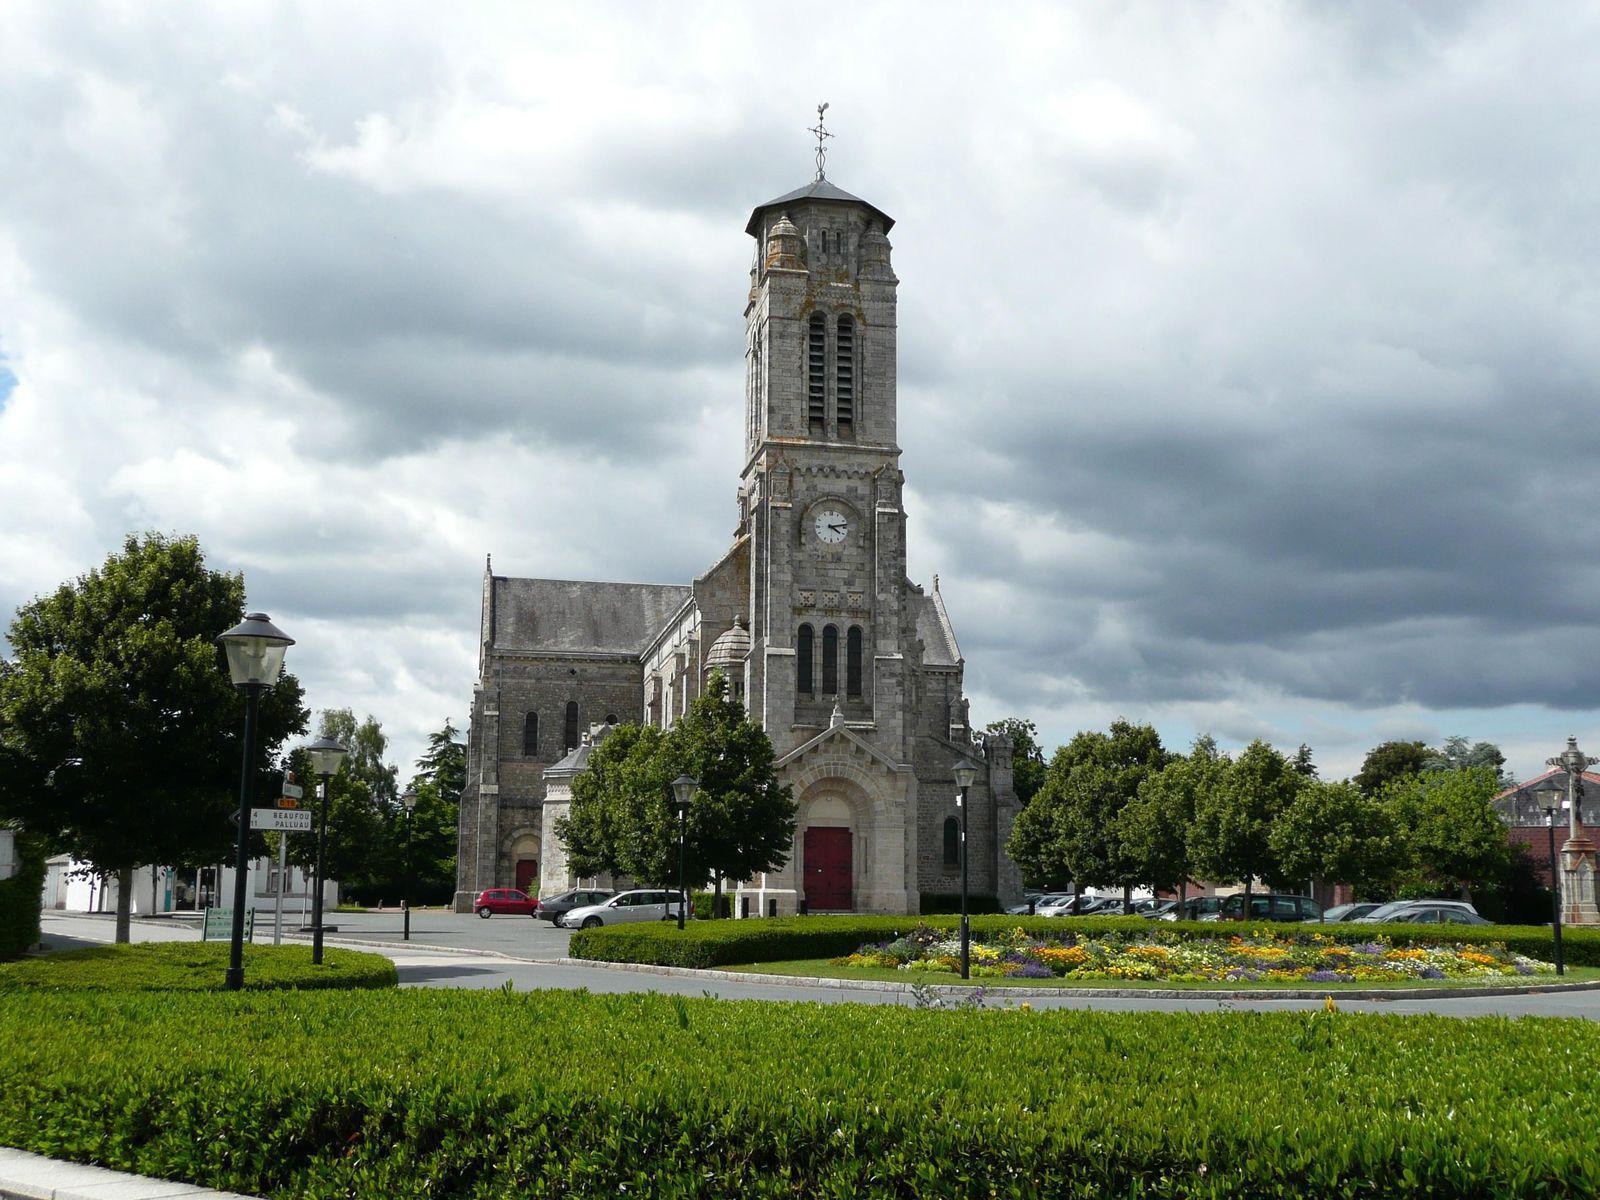 Les Lucs-sur-Boulogne